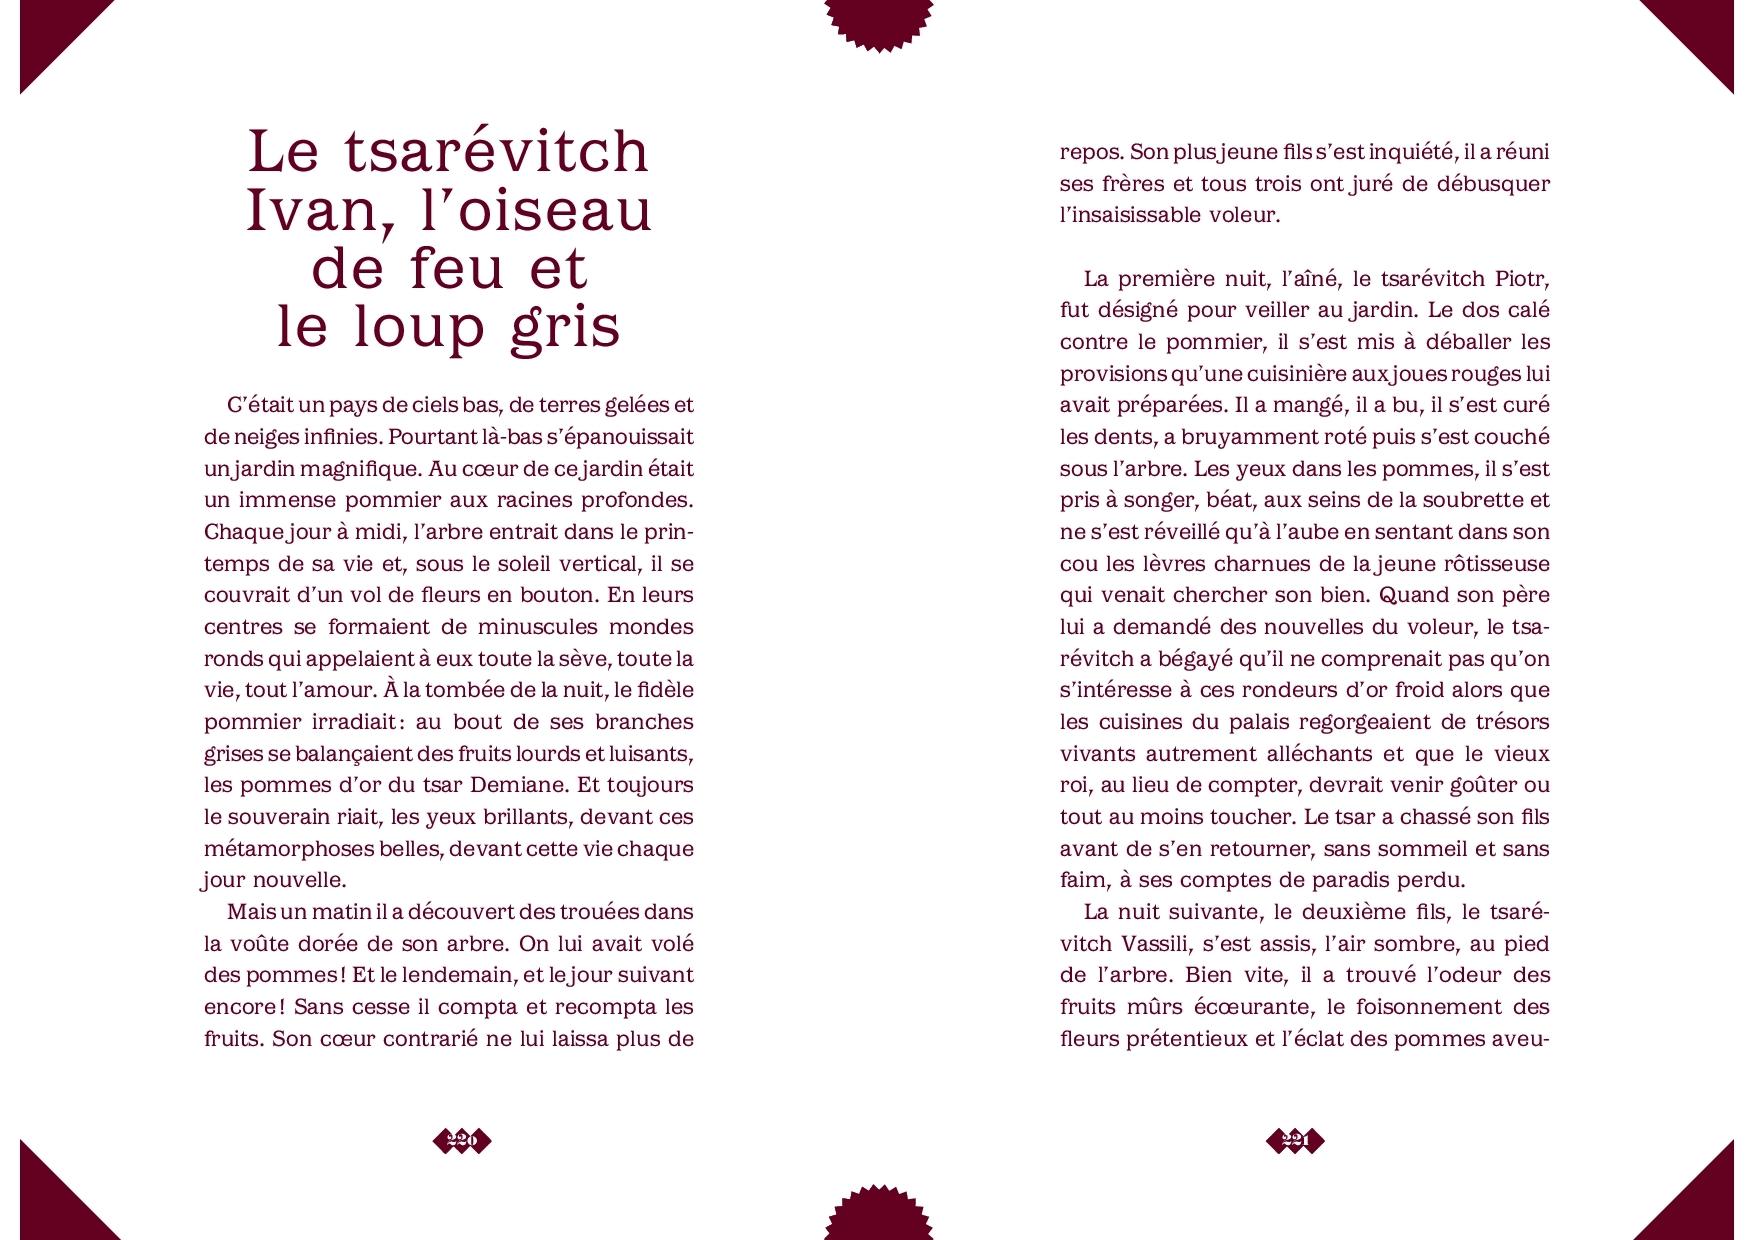 Le tsarévitch Ivan, l'oiseau de feu